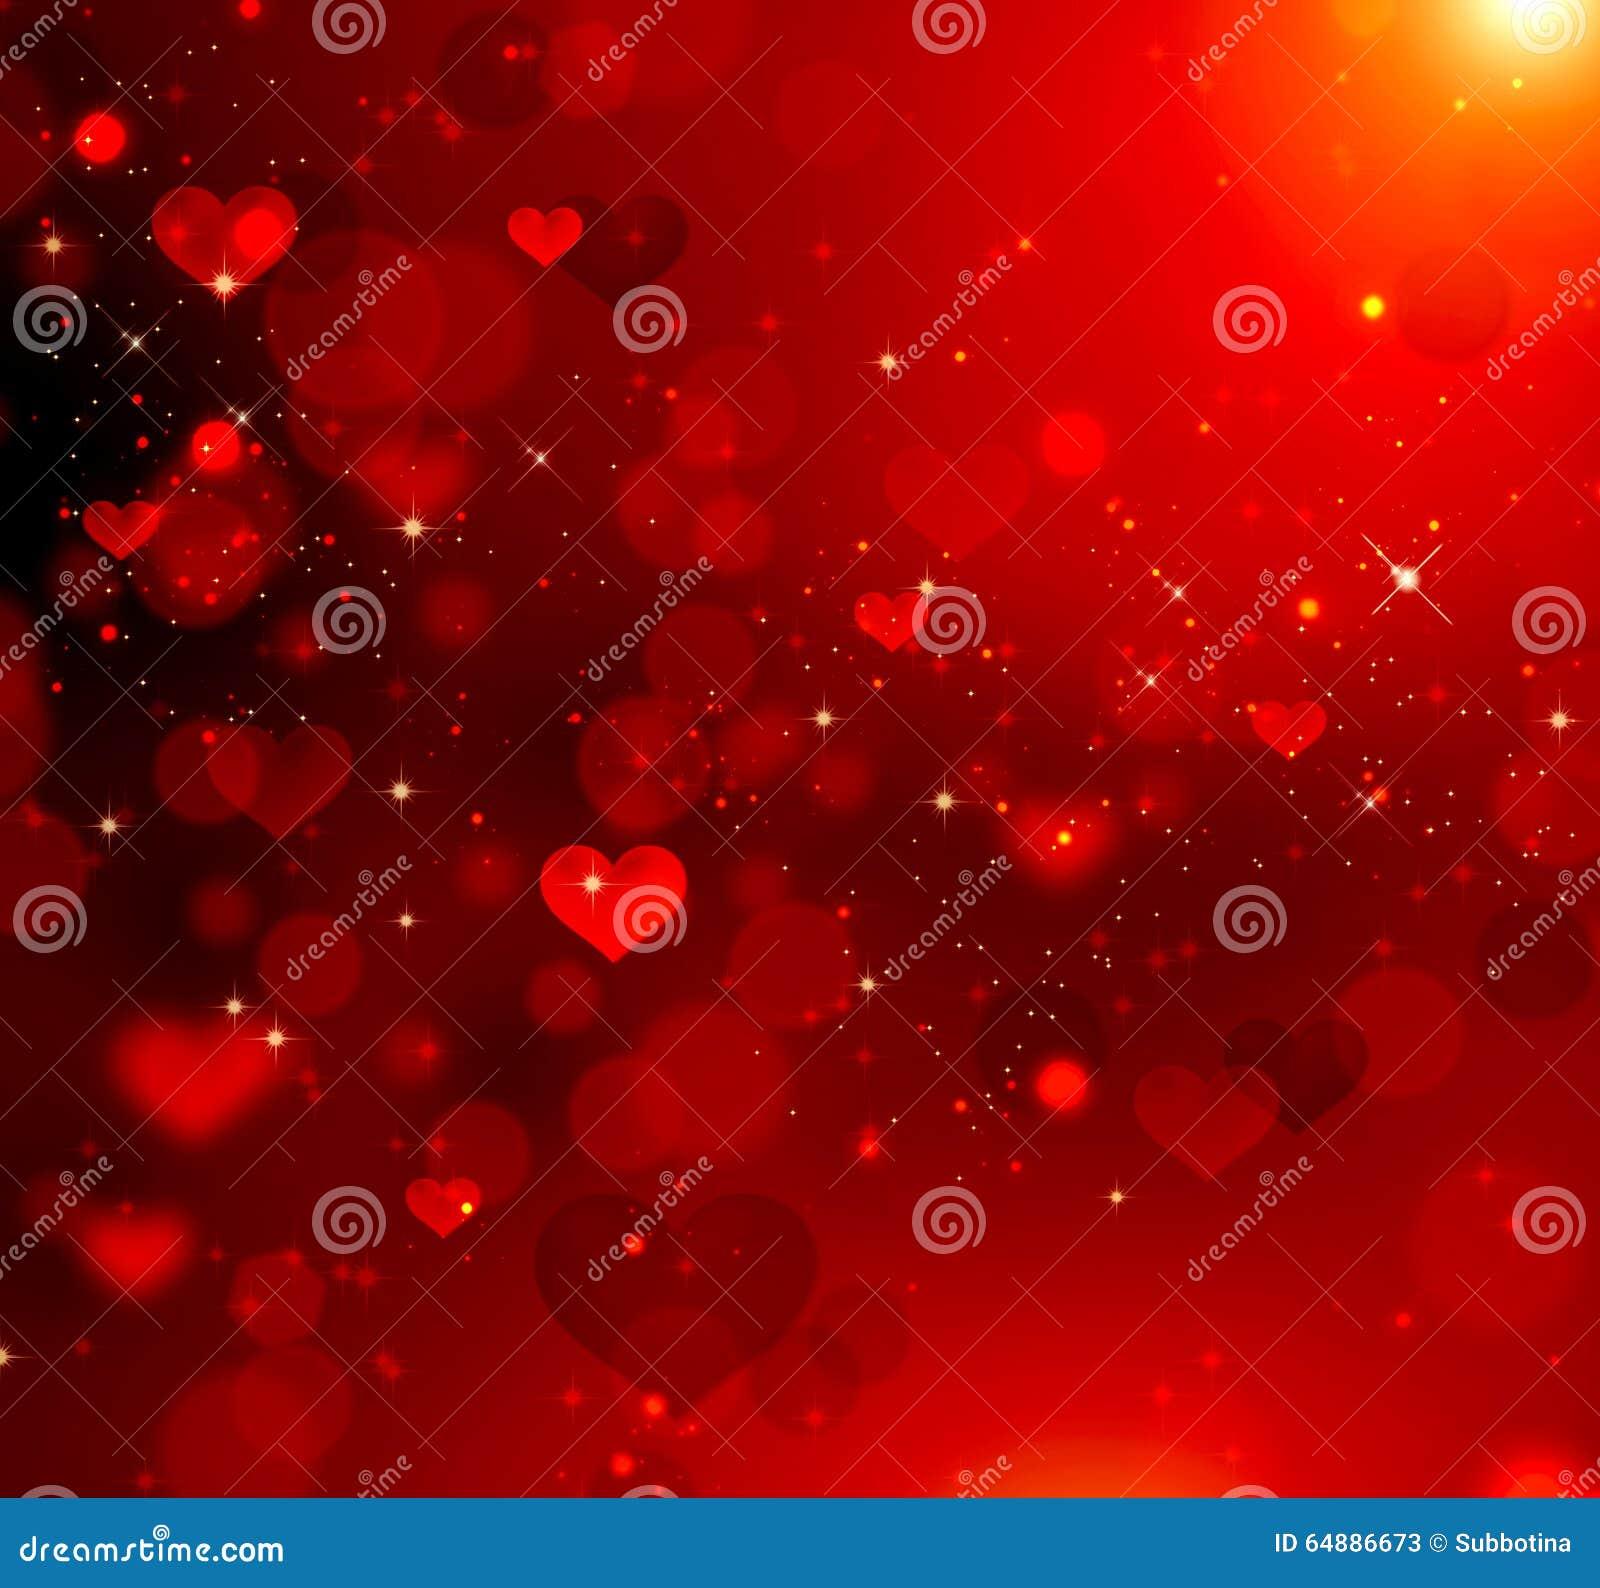 Valentine Hearts Red Background